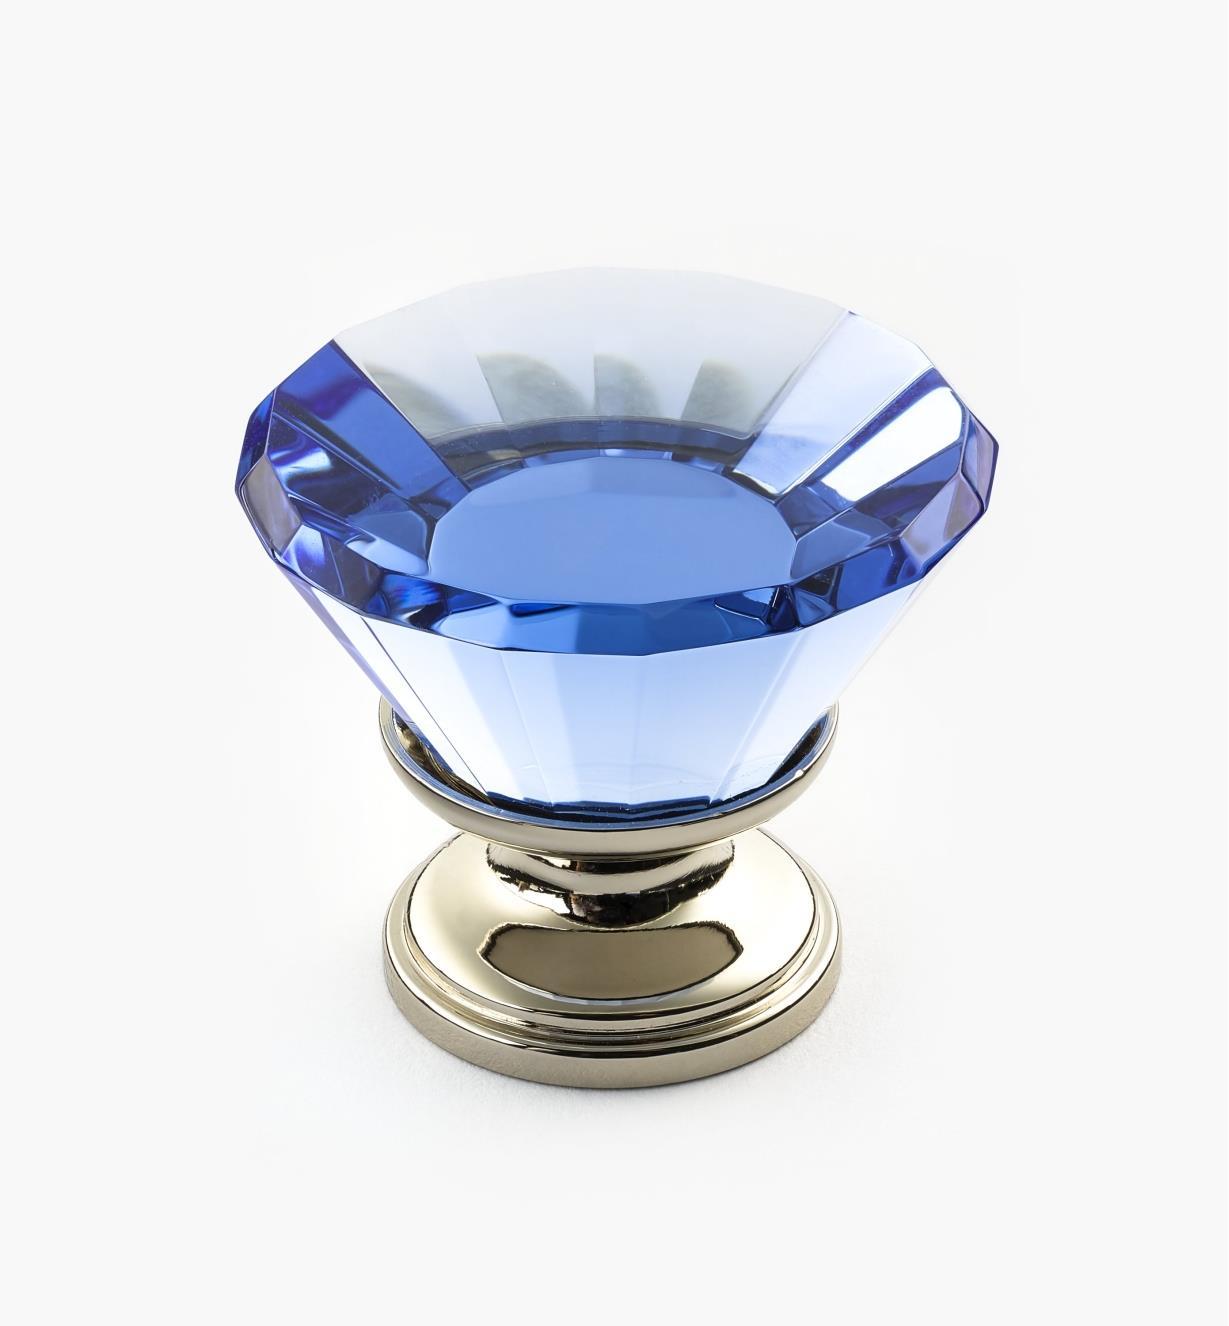 01A3611 - Bouton en cristal bleu, 30mm